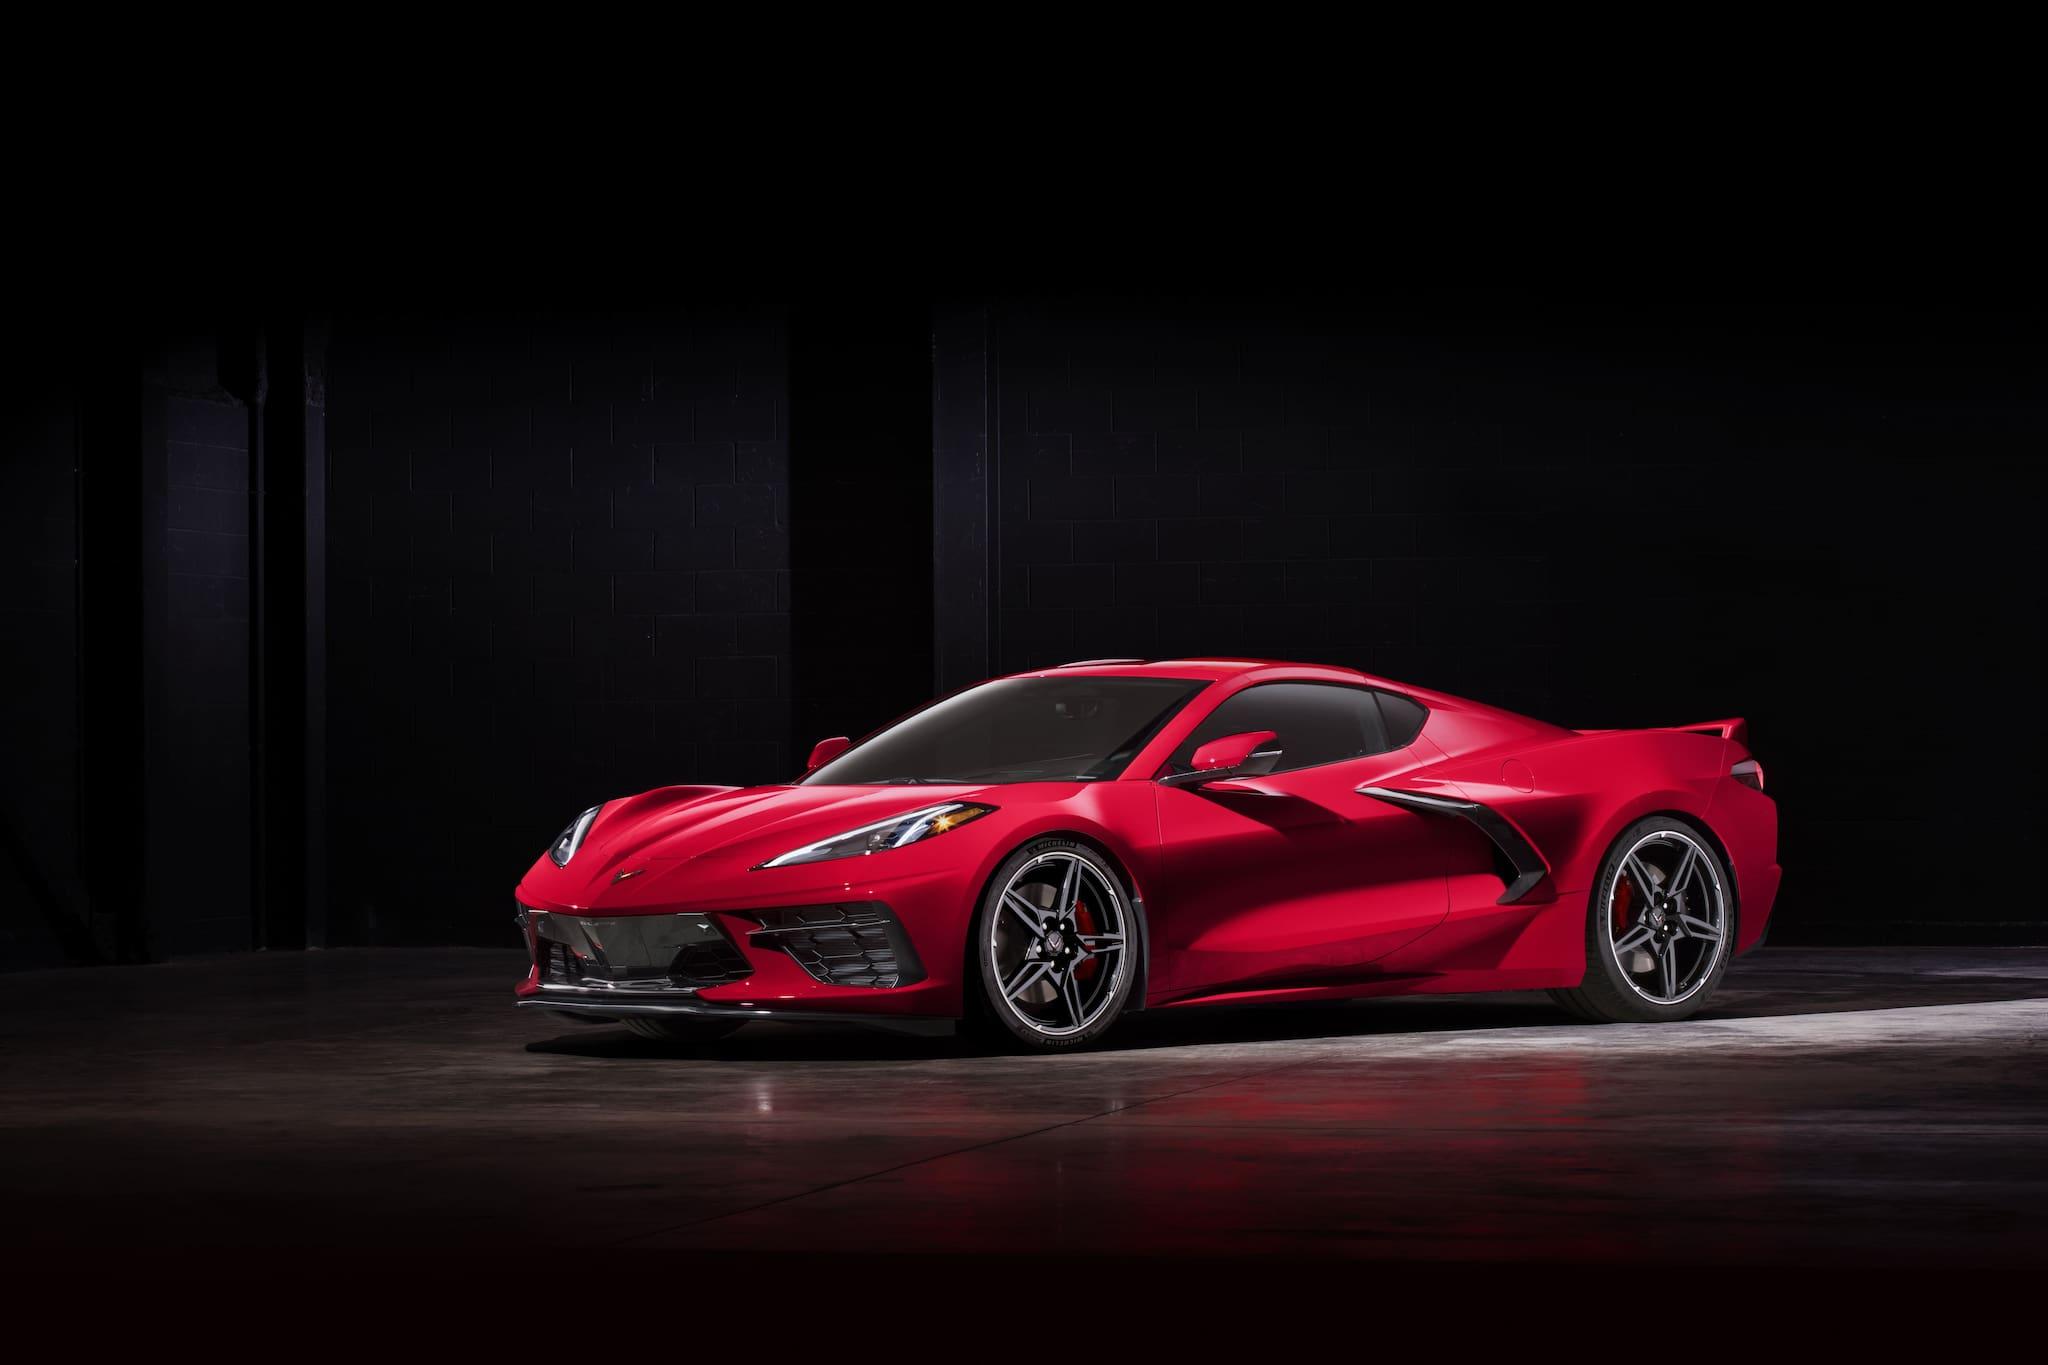 The 2020 C8 Chevrolet Corvette Is Finally Here